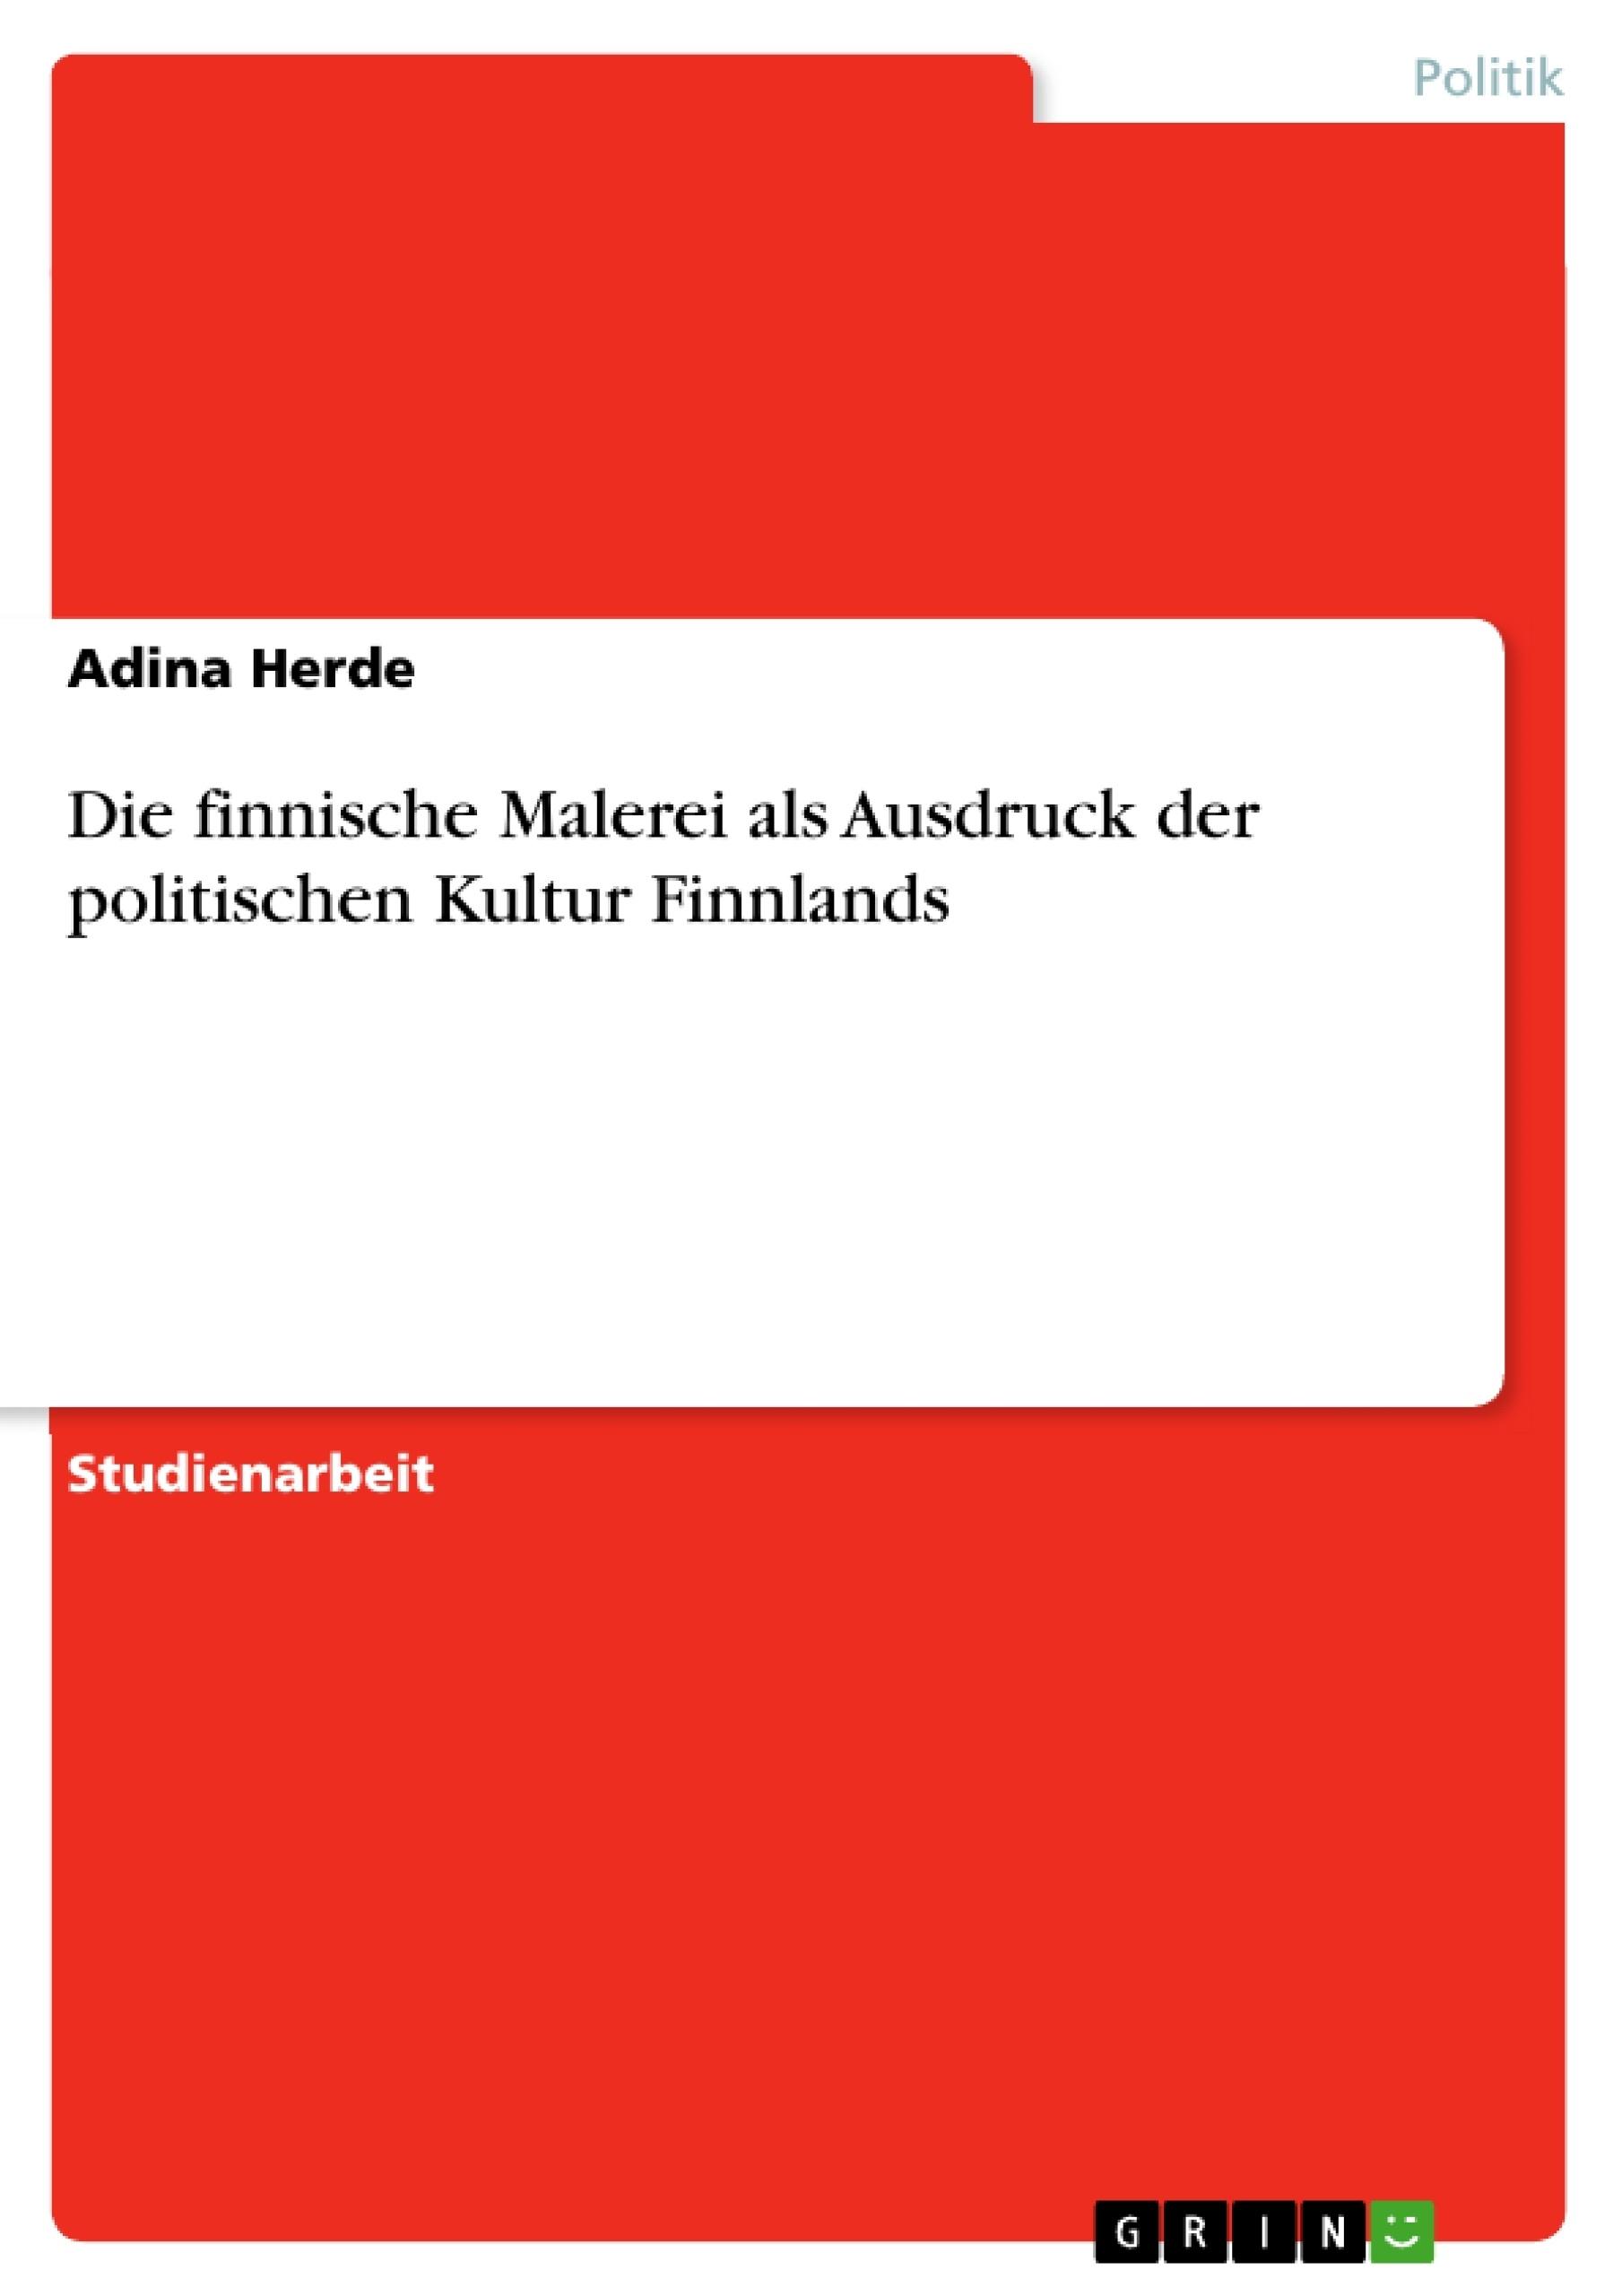 Titel: Die finnische Malerei als Ausdruck der politischen Kultur Finnlands